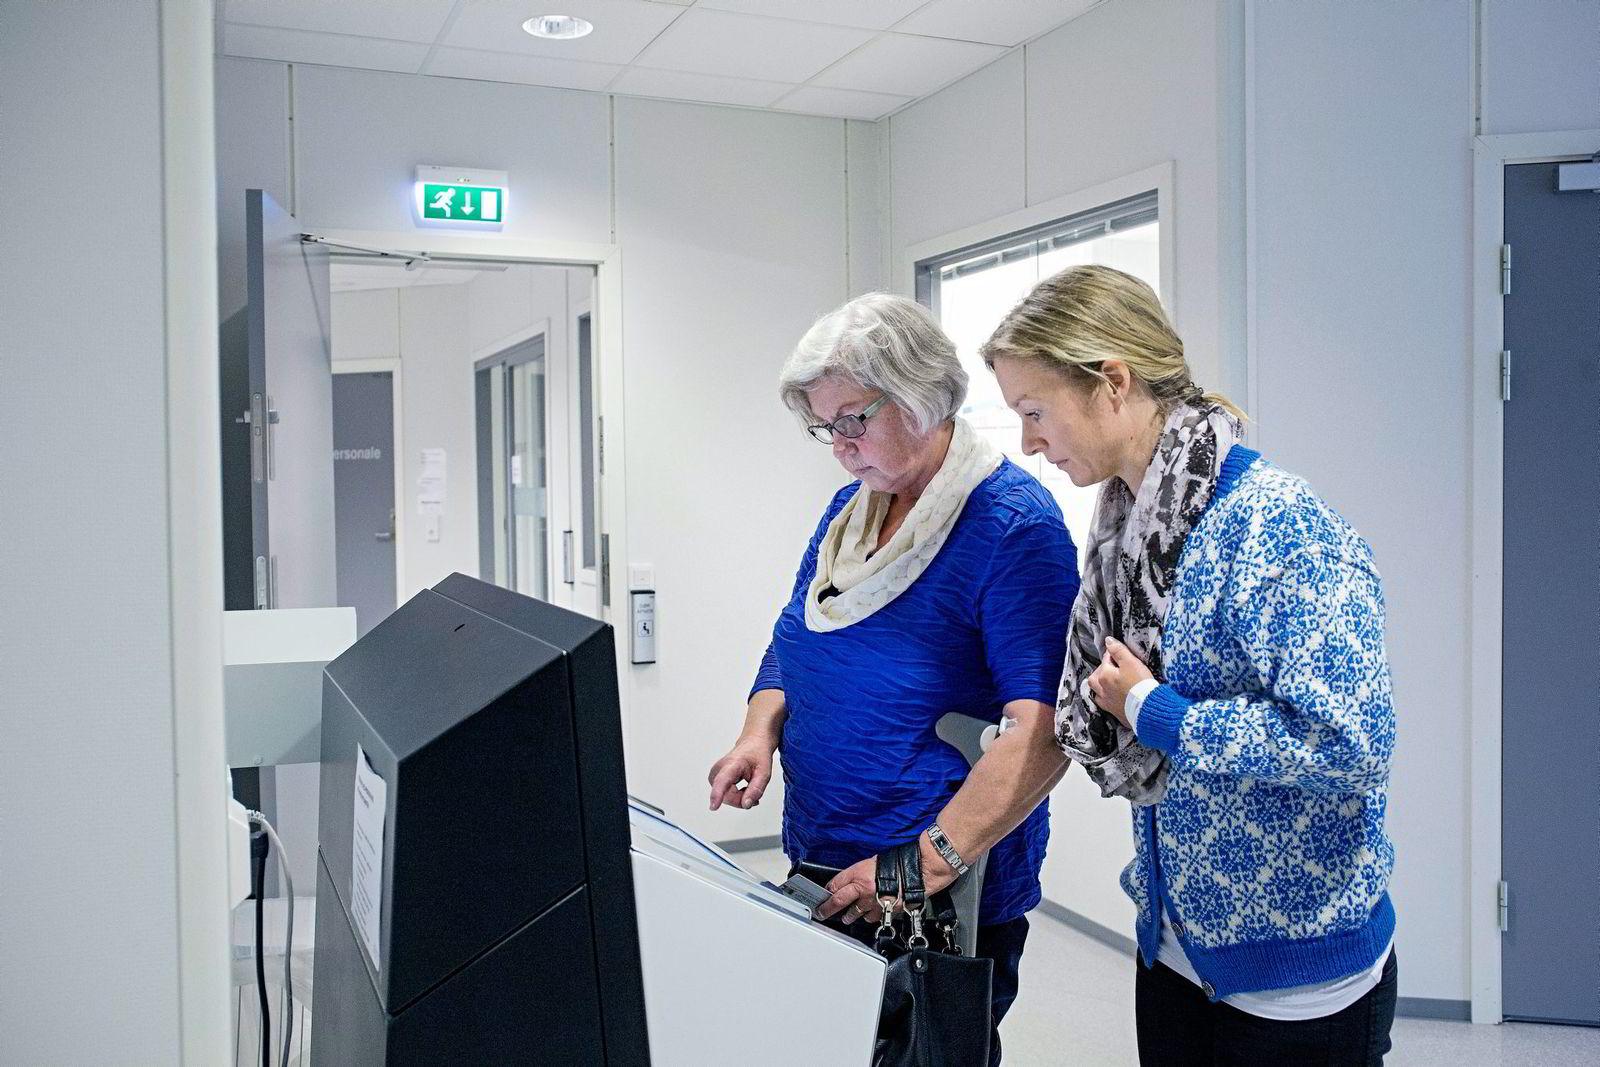 Randi Margrethe fra Sandane skal betale på Melin-terminalen på legekontoret i Sandane, og får hjelp av Melin Medical-sjef Ingvill Hestenes.